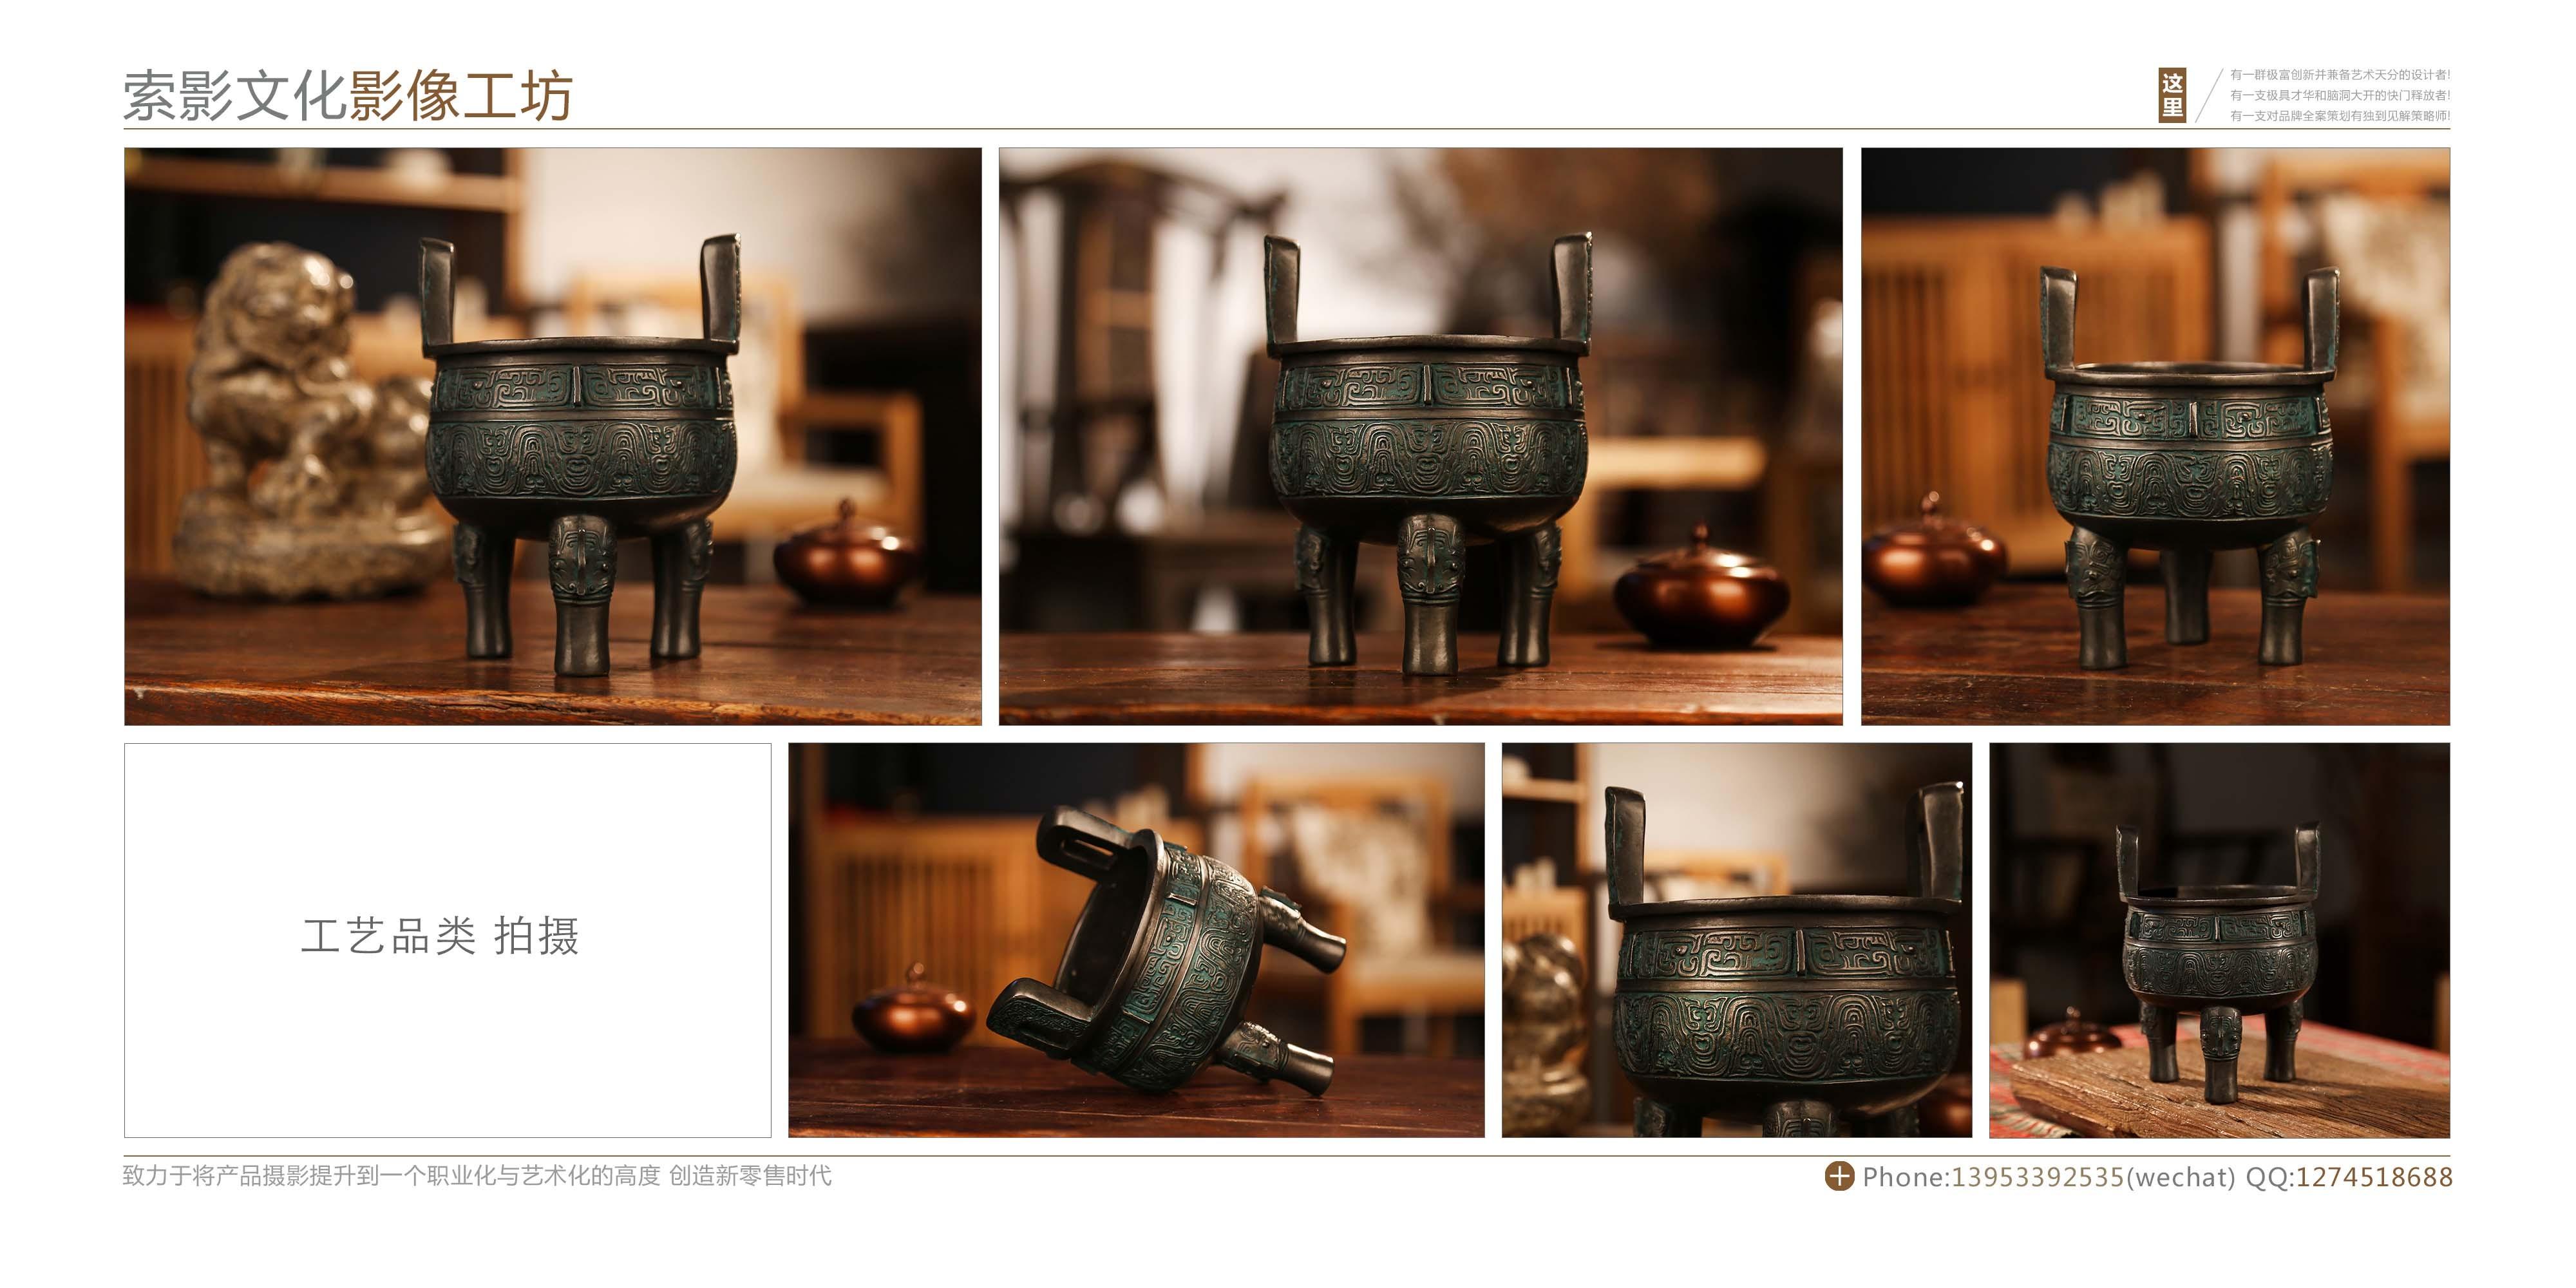 青铜器带场景拍照 拷贝.jpg